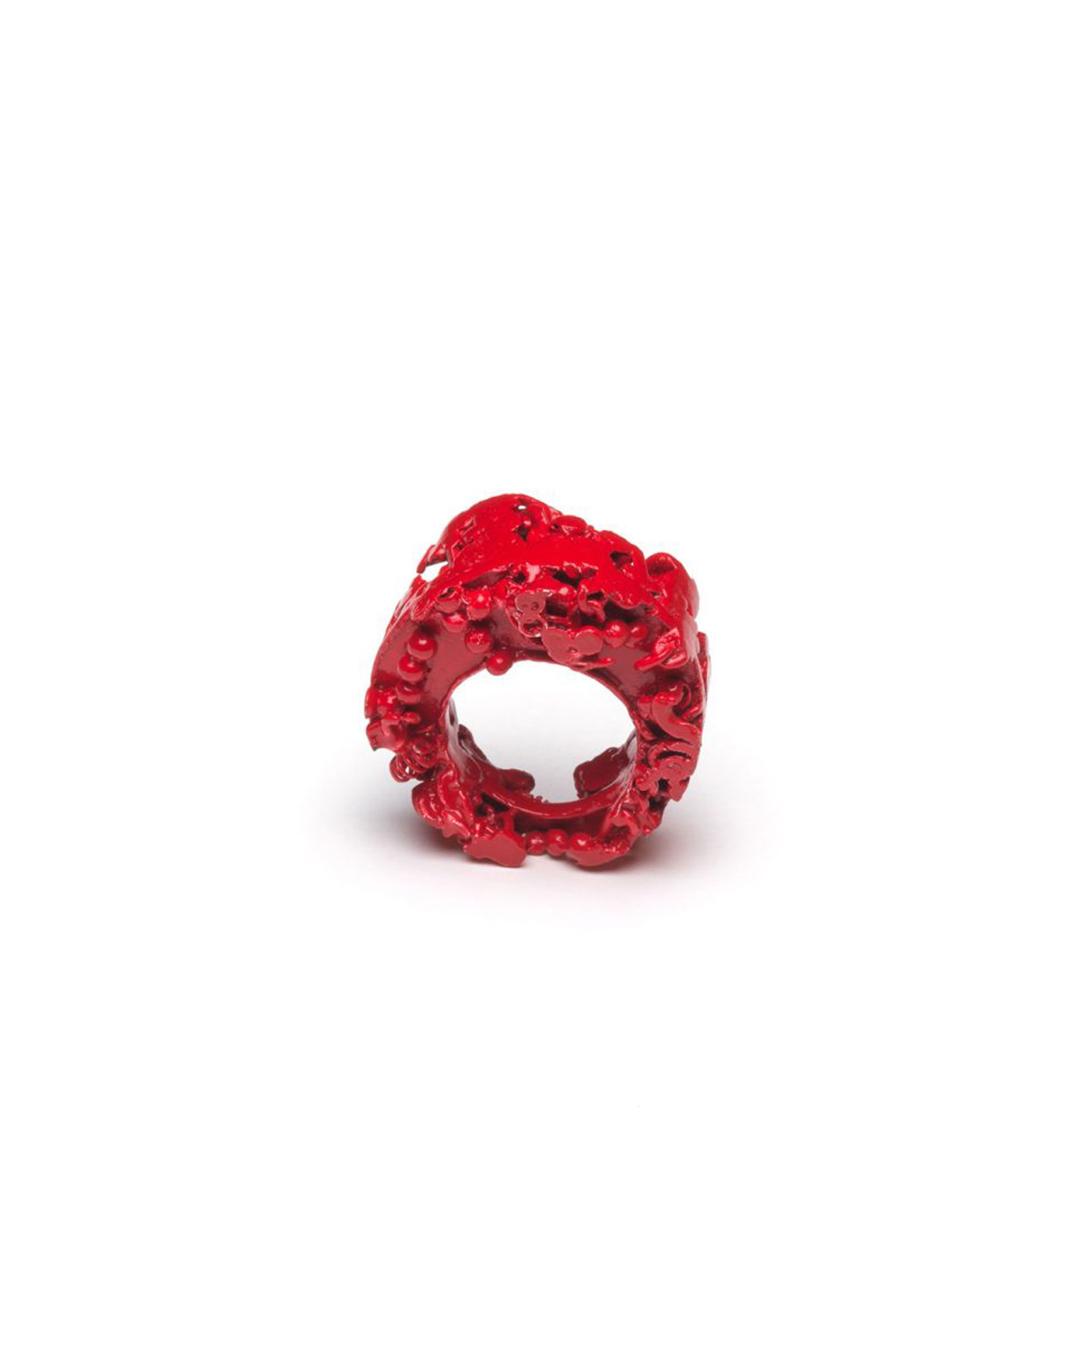 Doron Taubenfeld, zonder titel, 2009, ring; metaal, verf, 33 x 30 x 17 mm, €350